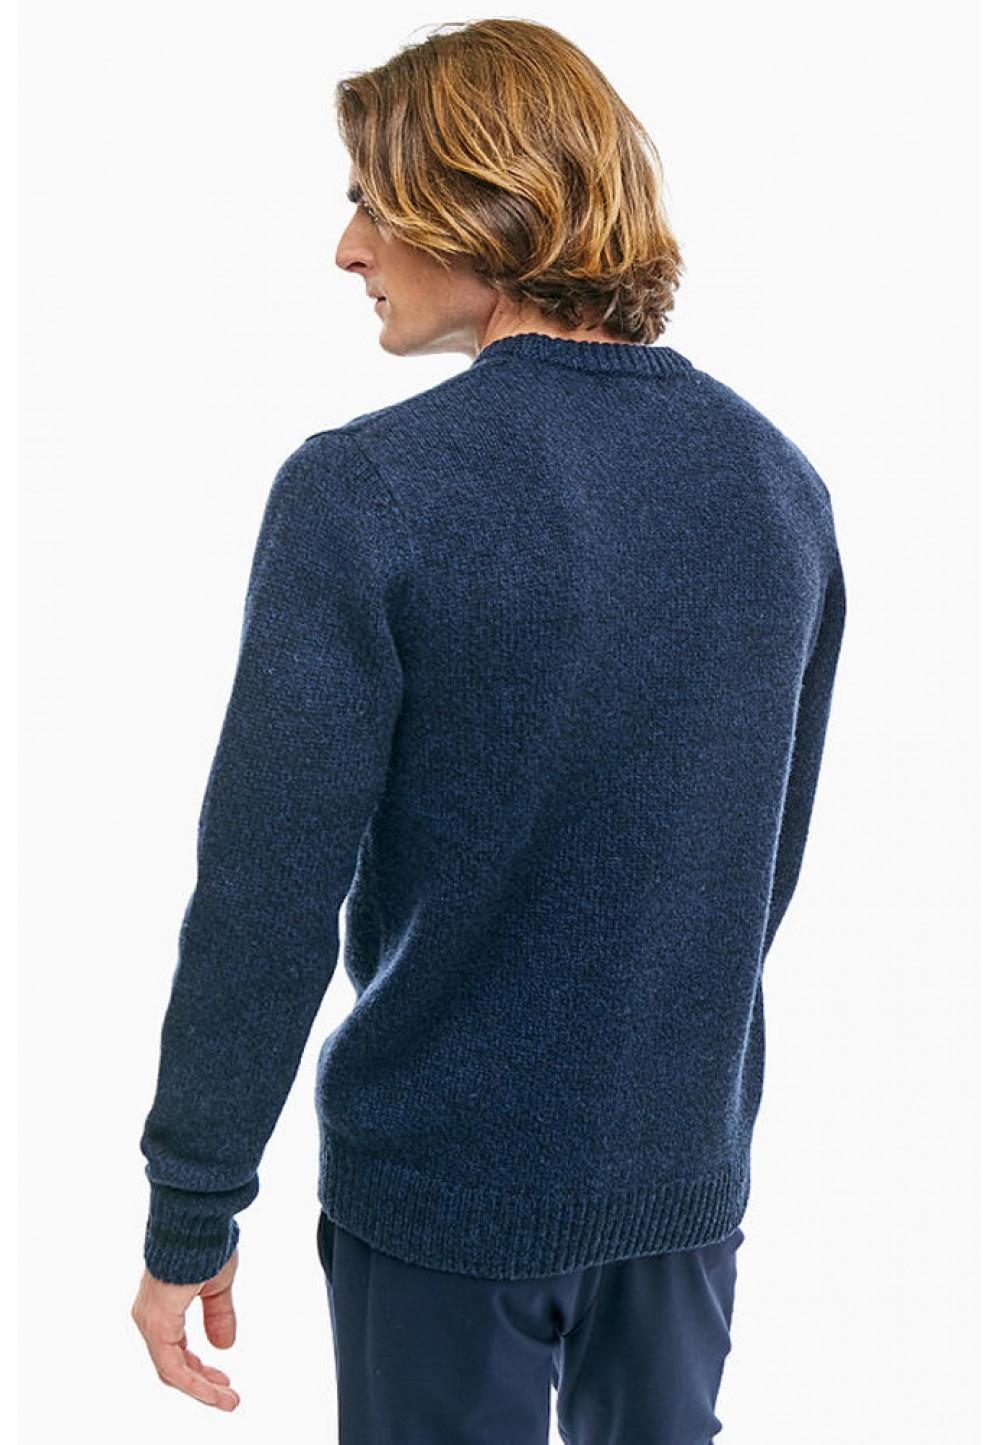 Полушерстяной синий джемпер